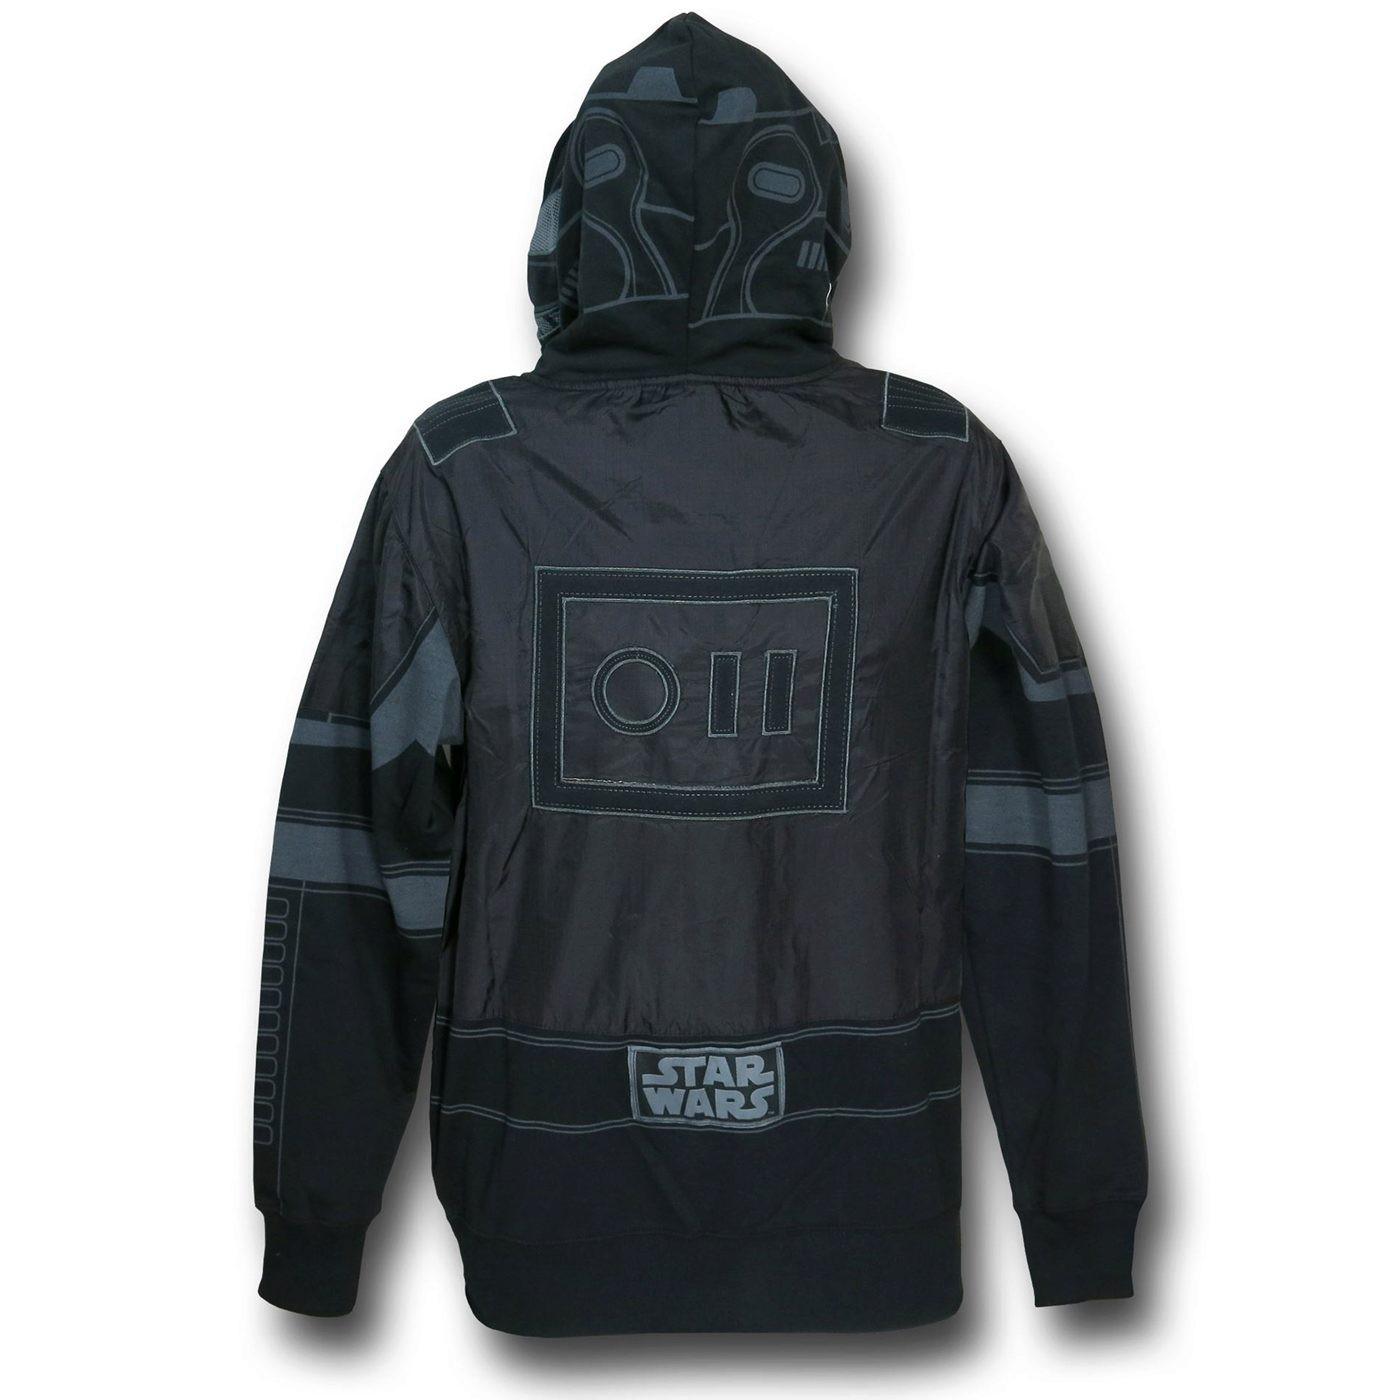 Star Wars Shadow Trooper Costume Hoodie